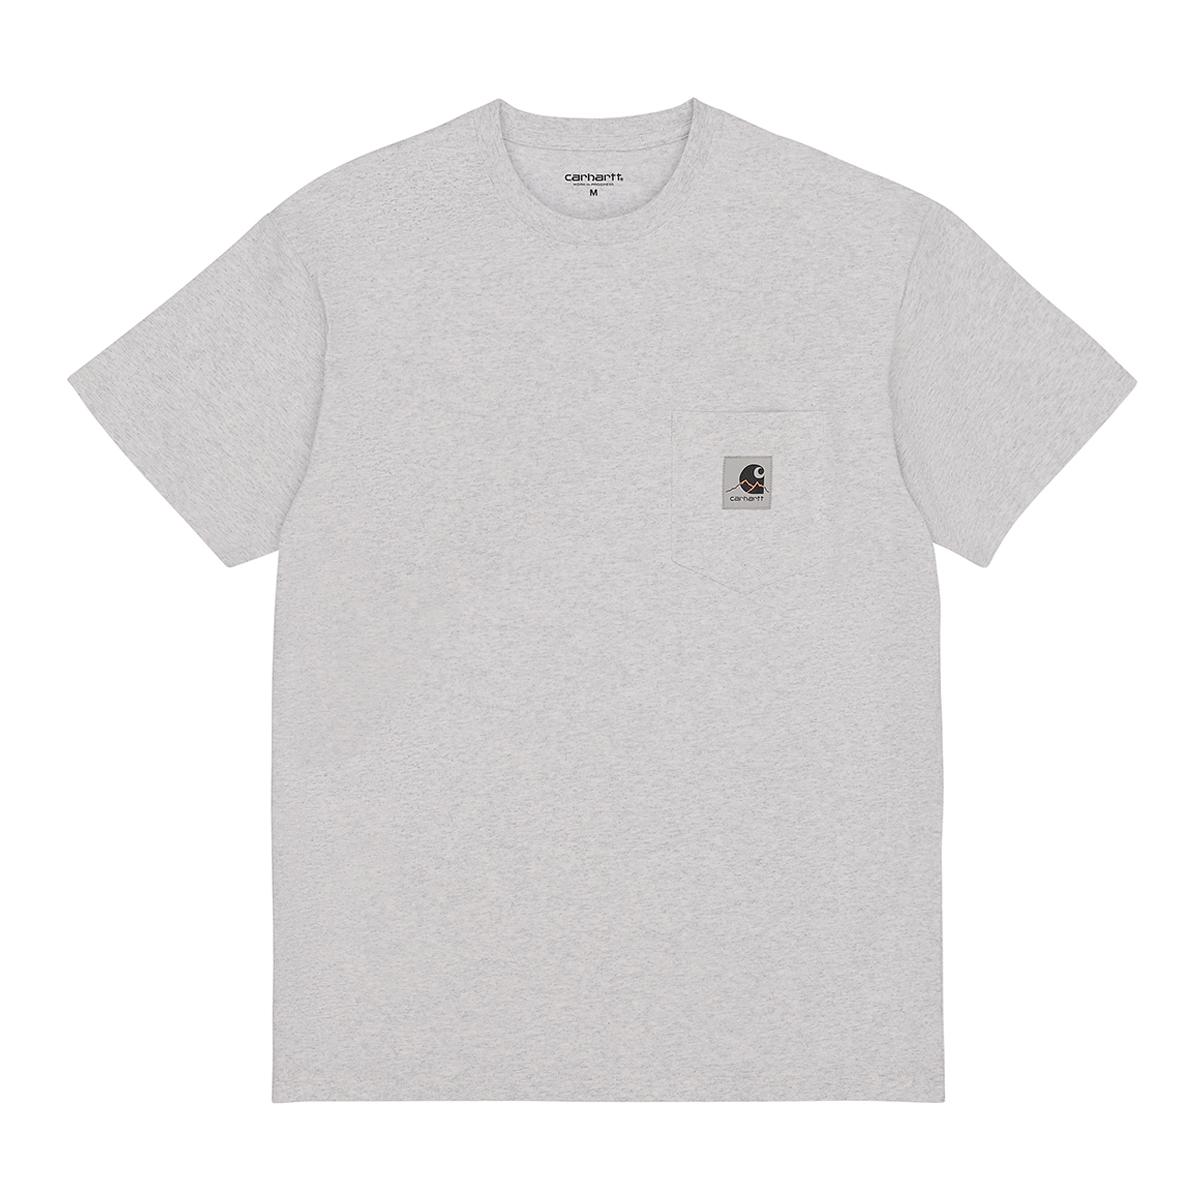 S/S Outdoor C Label T-Shirt